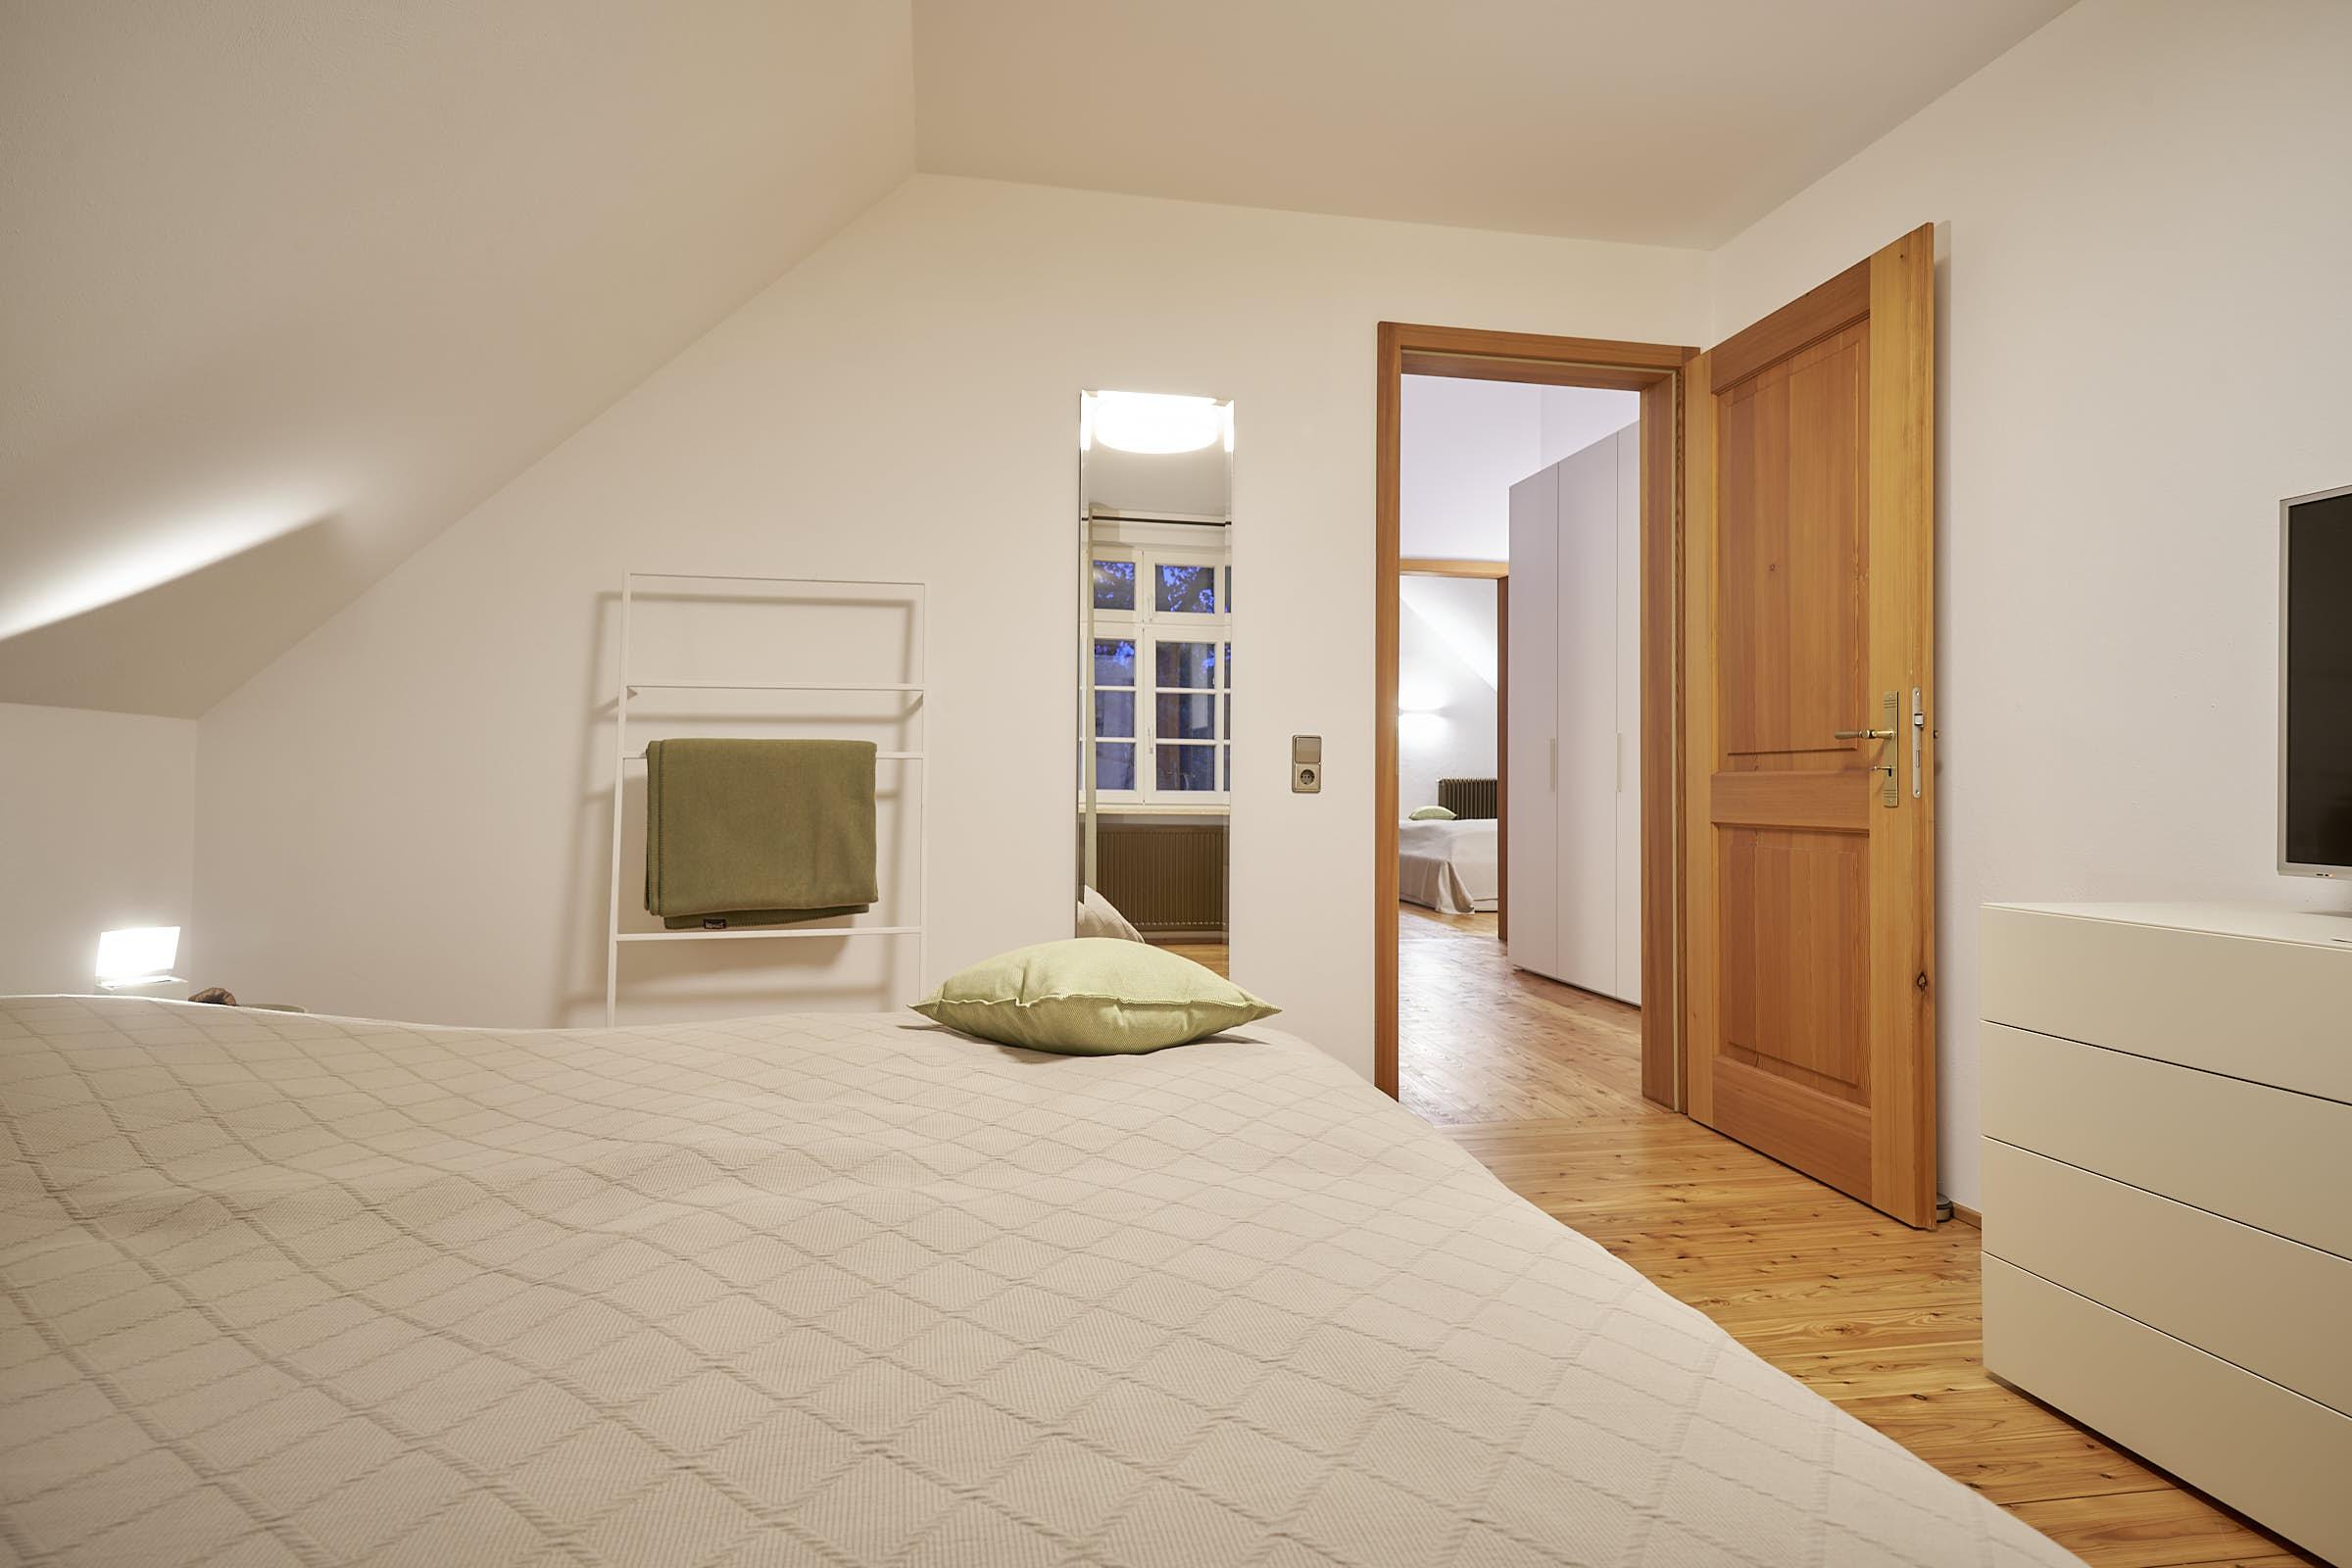 2. Schlafzimmer mit Blick zum Flur, DG